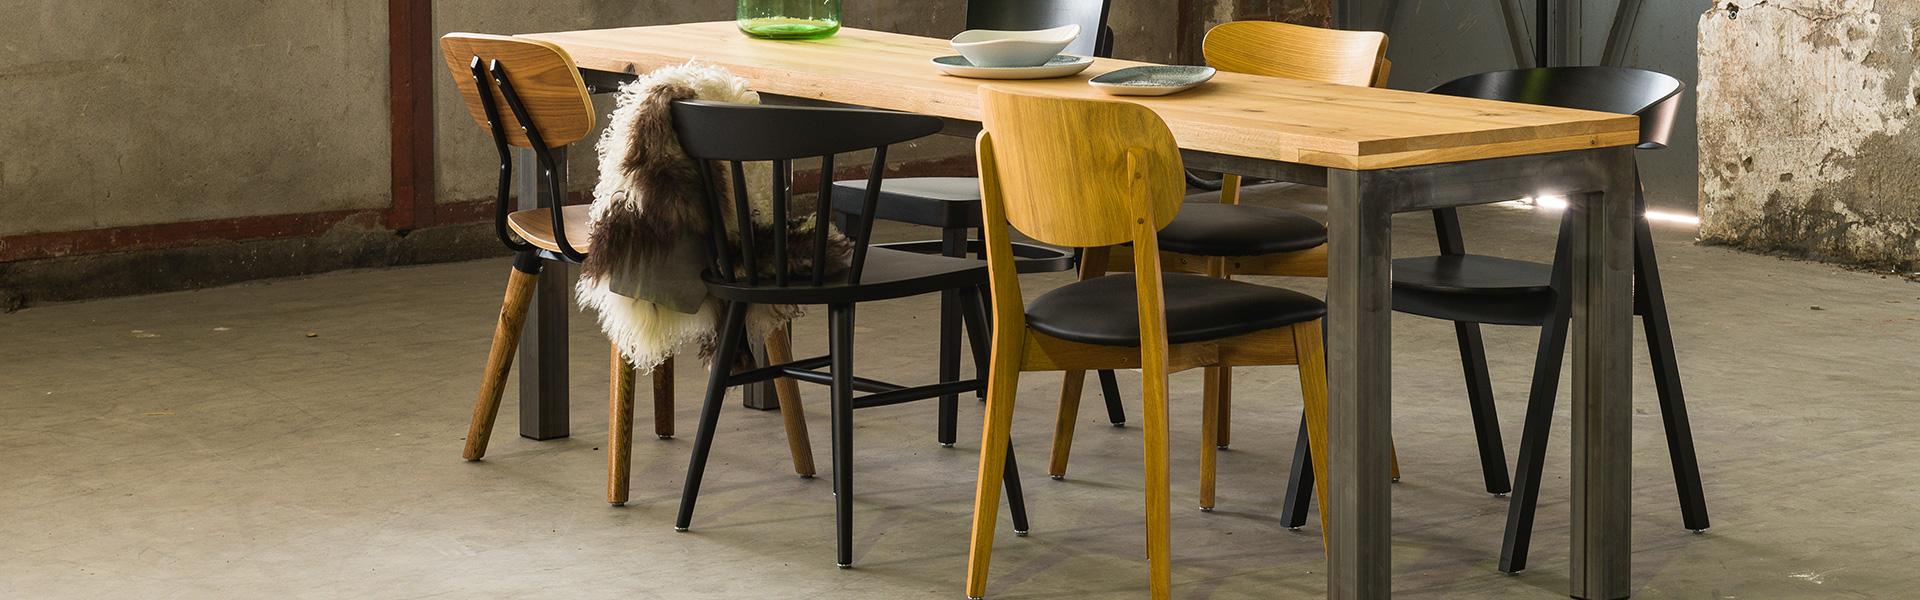 Bekijk onze metalen meubelen